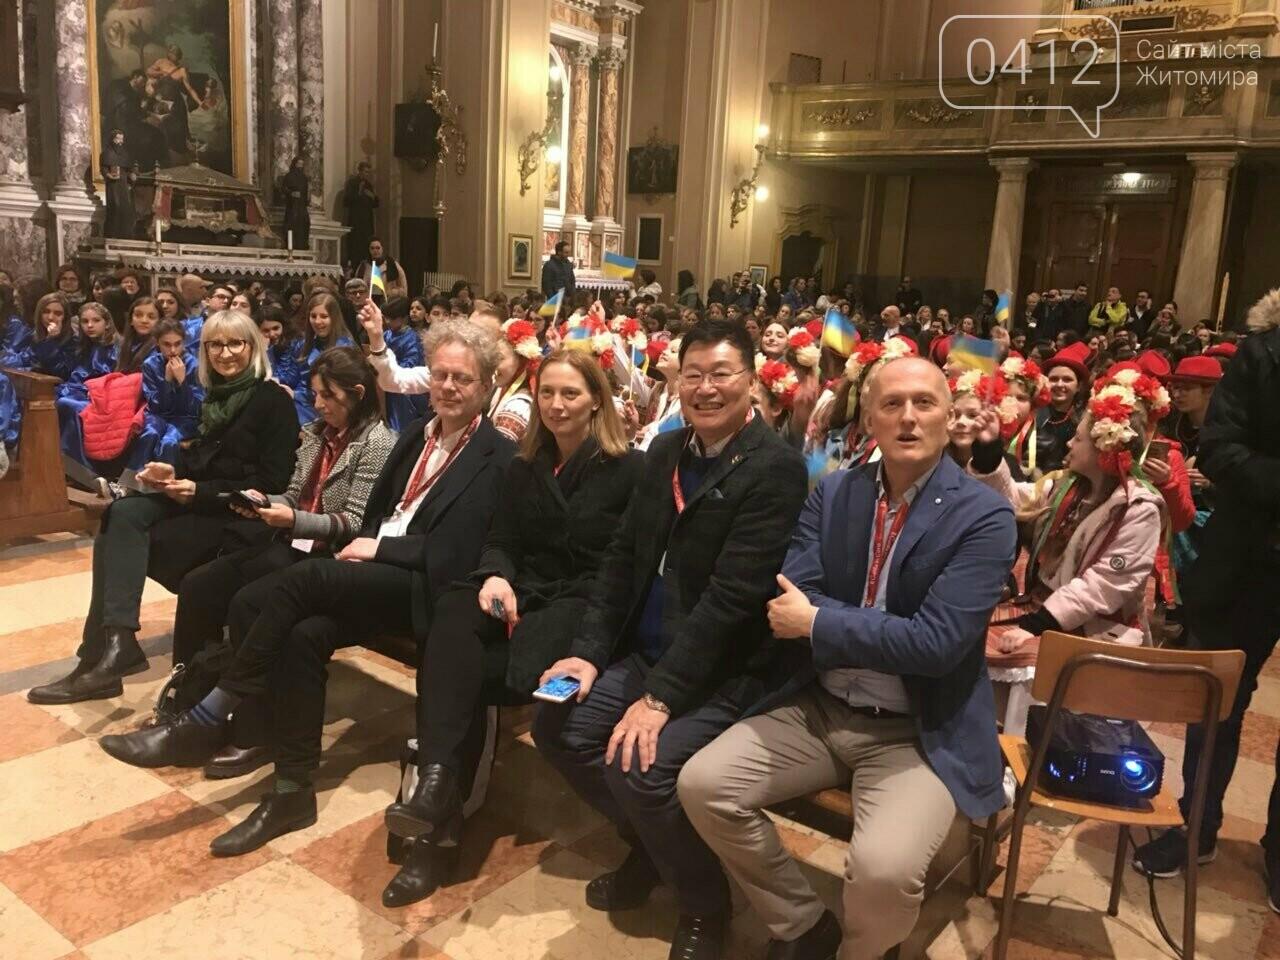 """Житомирський хор """"Gloria"""" привіз із Італії срібні нагороди, диплом та спеціальний приз, фото-2"""